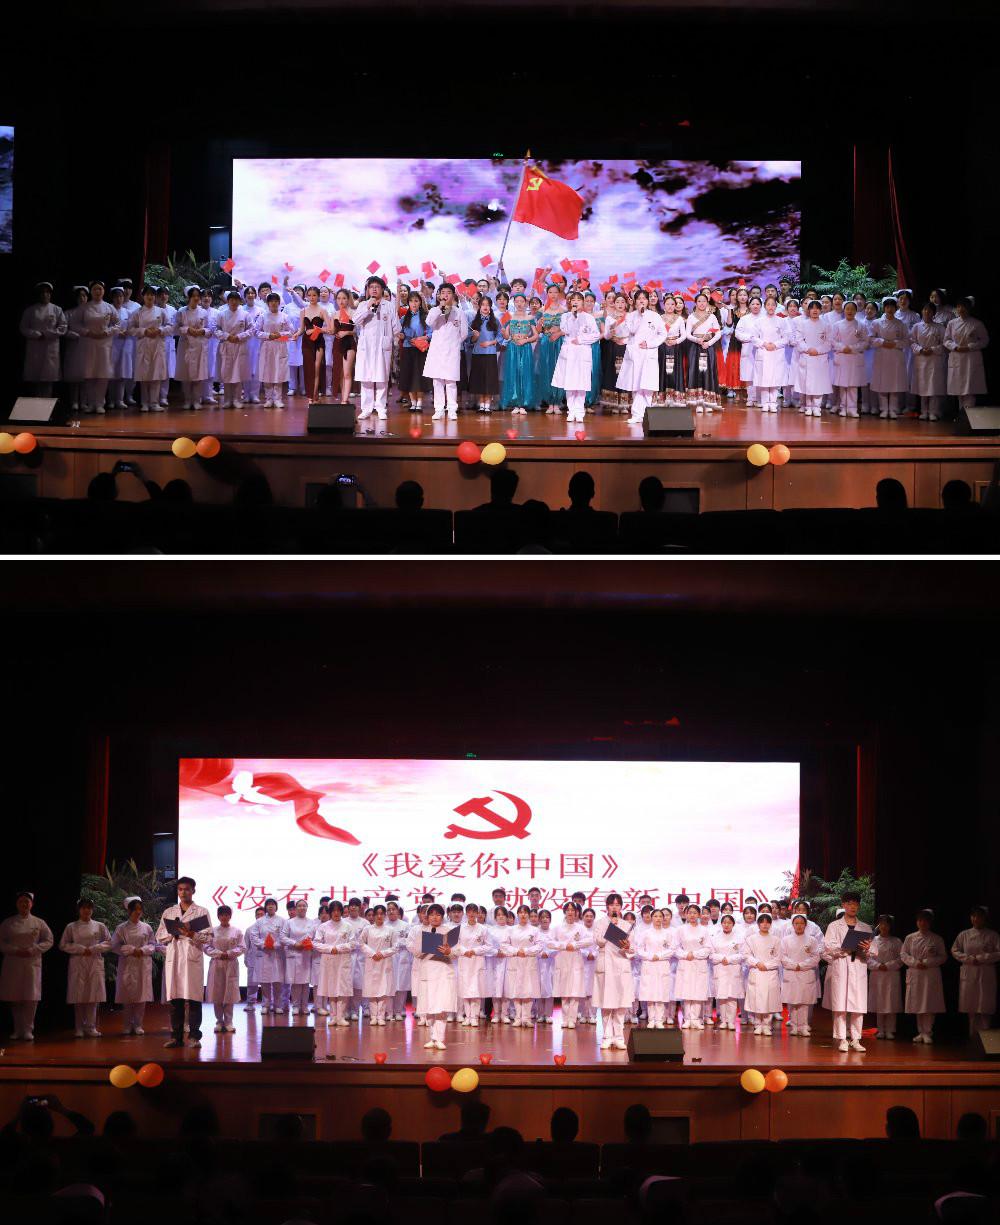 20.朗诵、手语表演《我爱你中国》.JPG